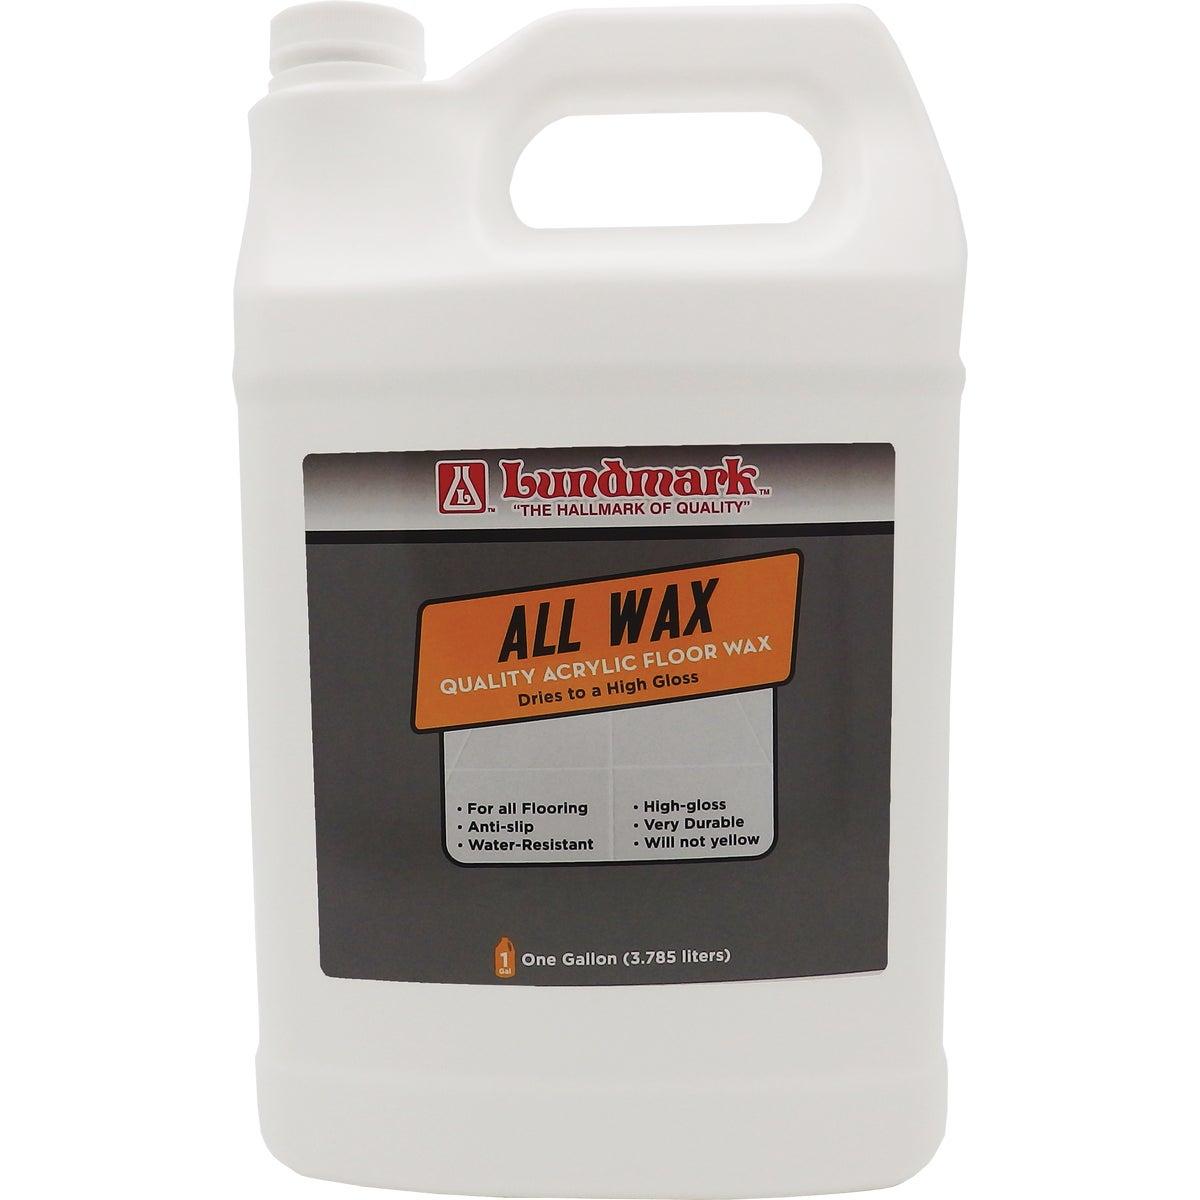 All-Wax Floor Wax